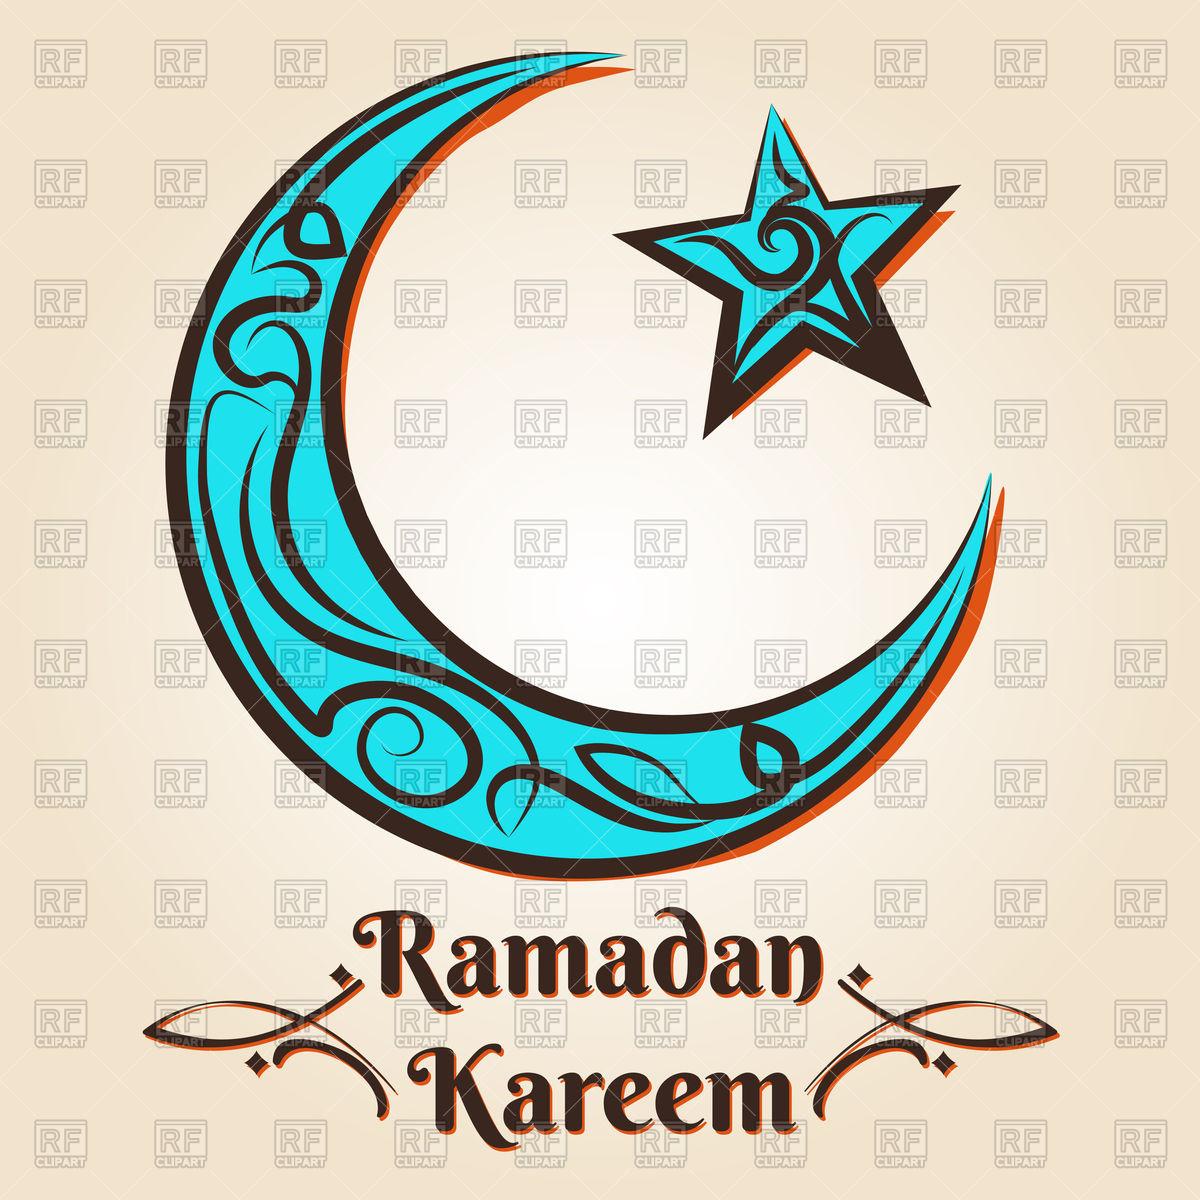 Ramadan Kareem Islamic emblem Stock Vector Image.